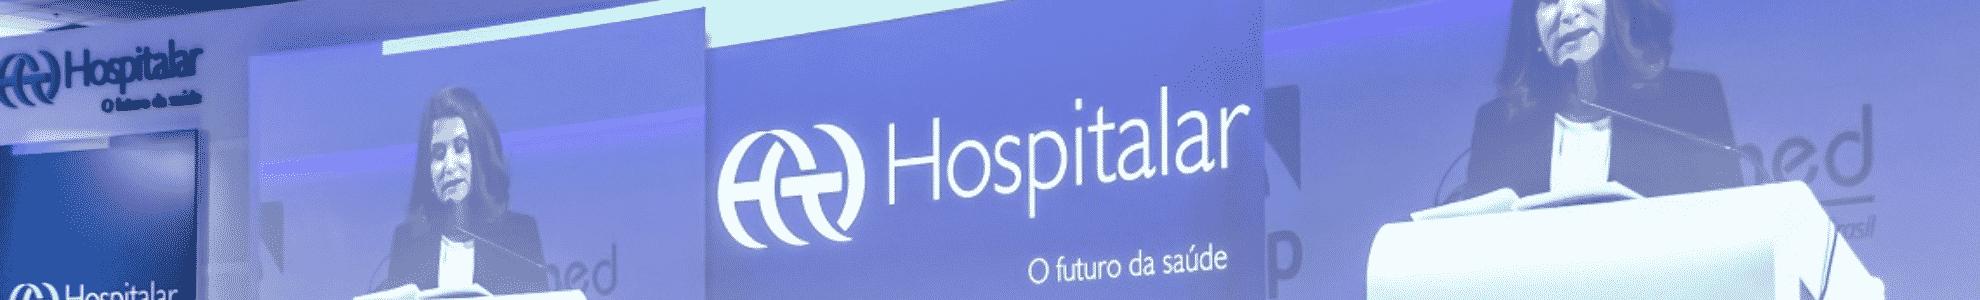 Hospitalar 2019: inovação, tecnologia e a presença da SISQUAL